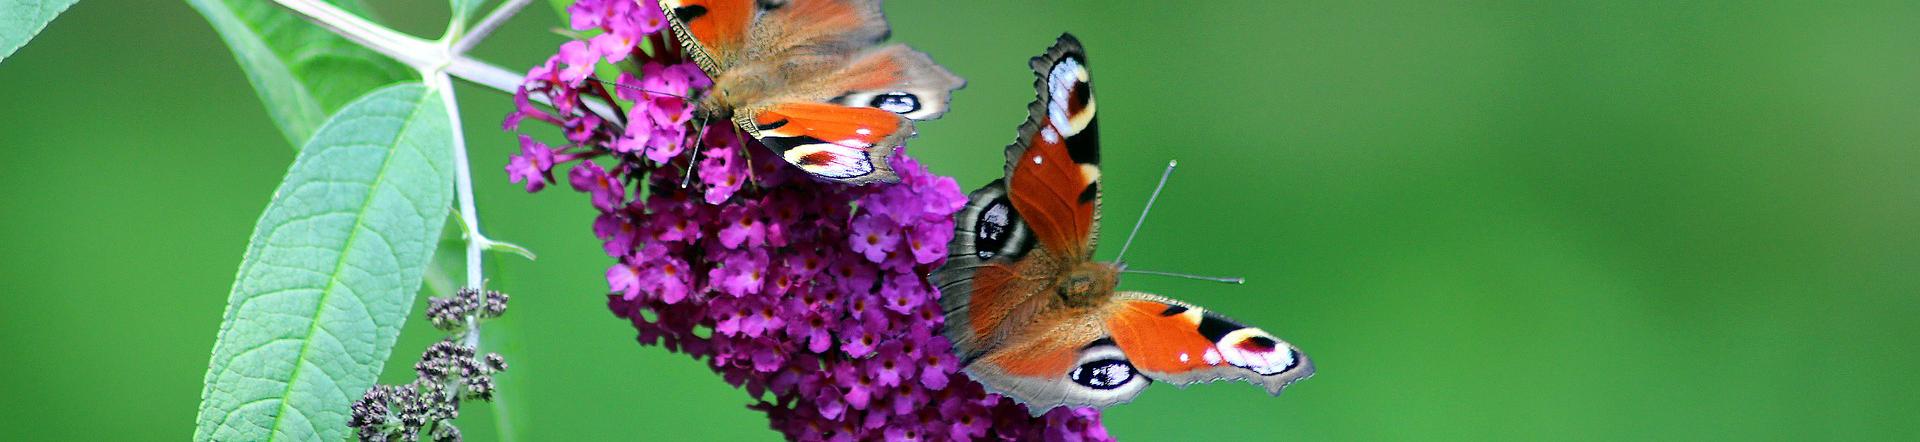 butterflies-1552779_1920_2